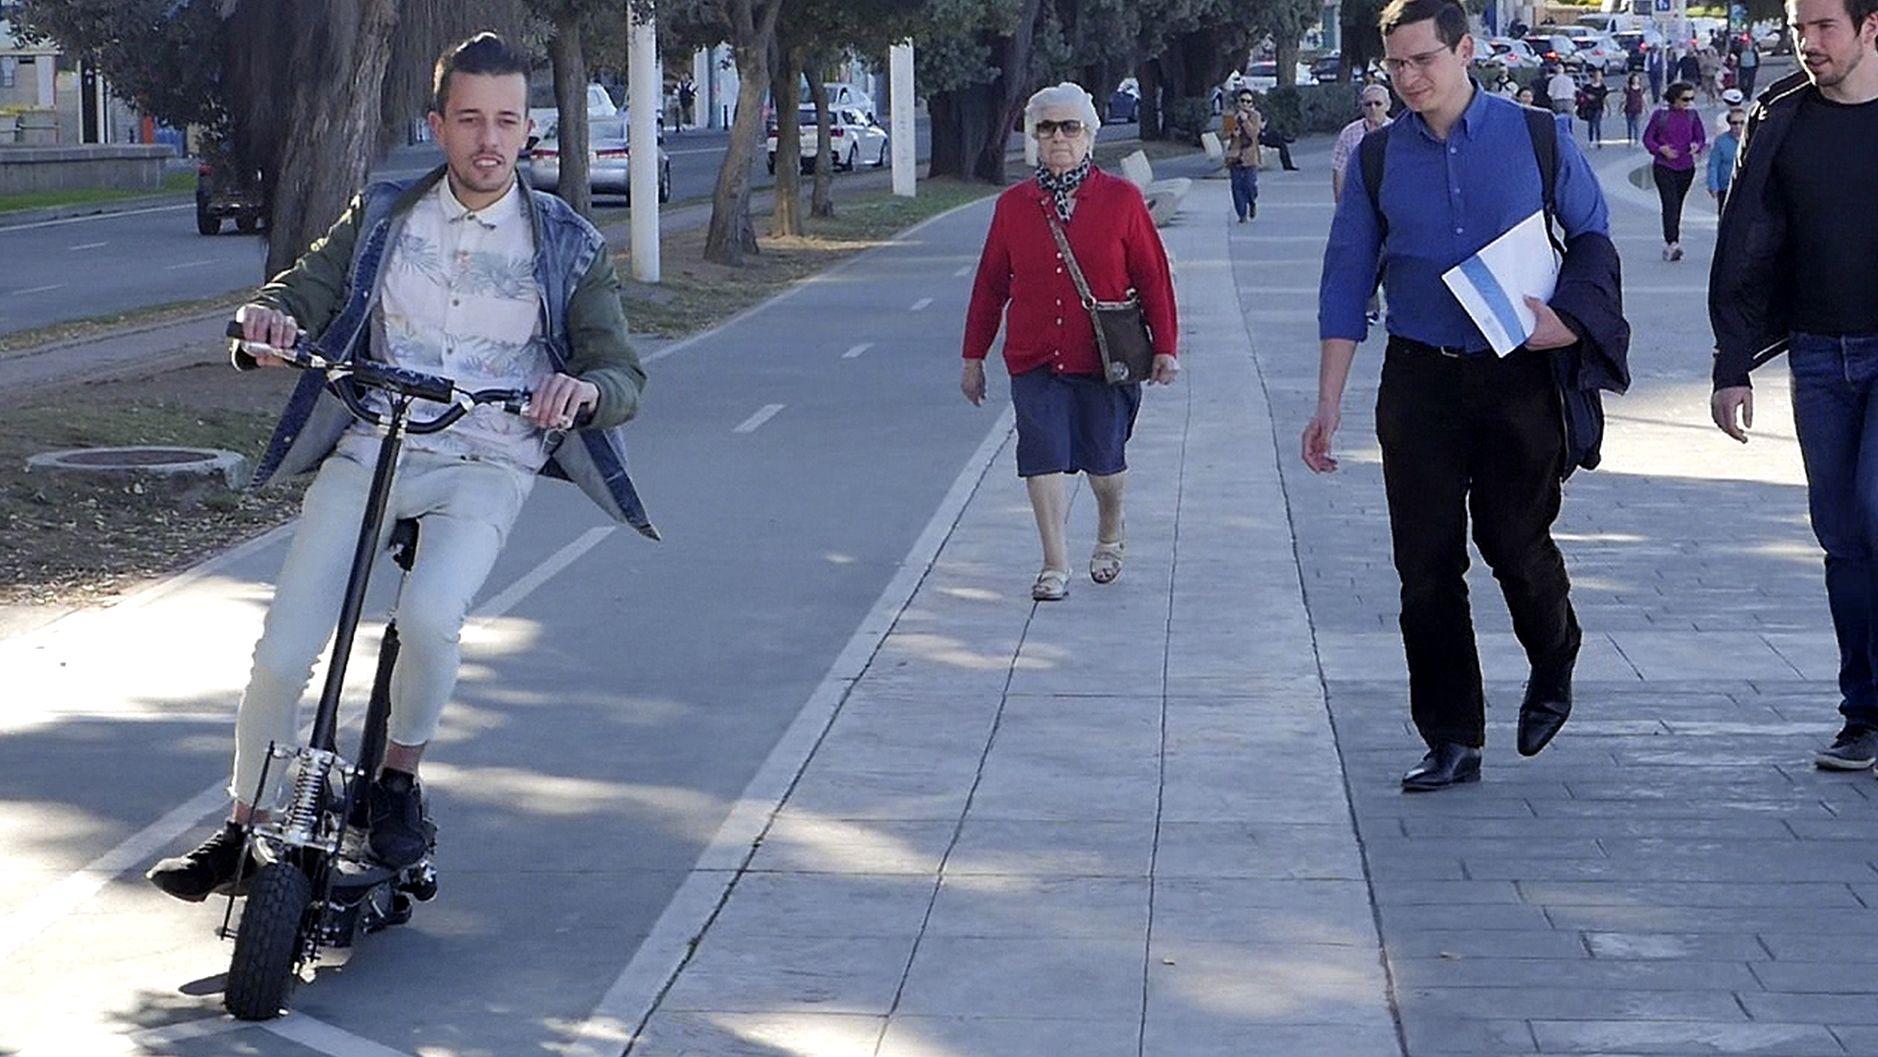 Furor por los patinetes eléctricos: ¿por dónde pueden circular?.Teresa Martínez Marini, de Isbilya, con Chisco Jiménez de Llano, de Culuca, uno de los cocineros que apoyaron el proyecto desde sus inicios